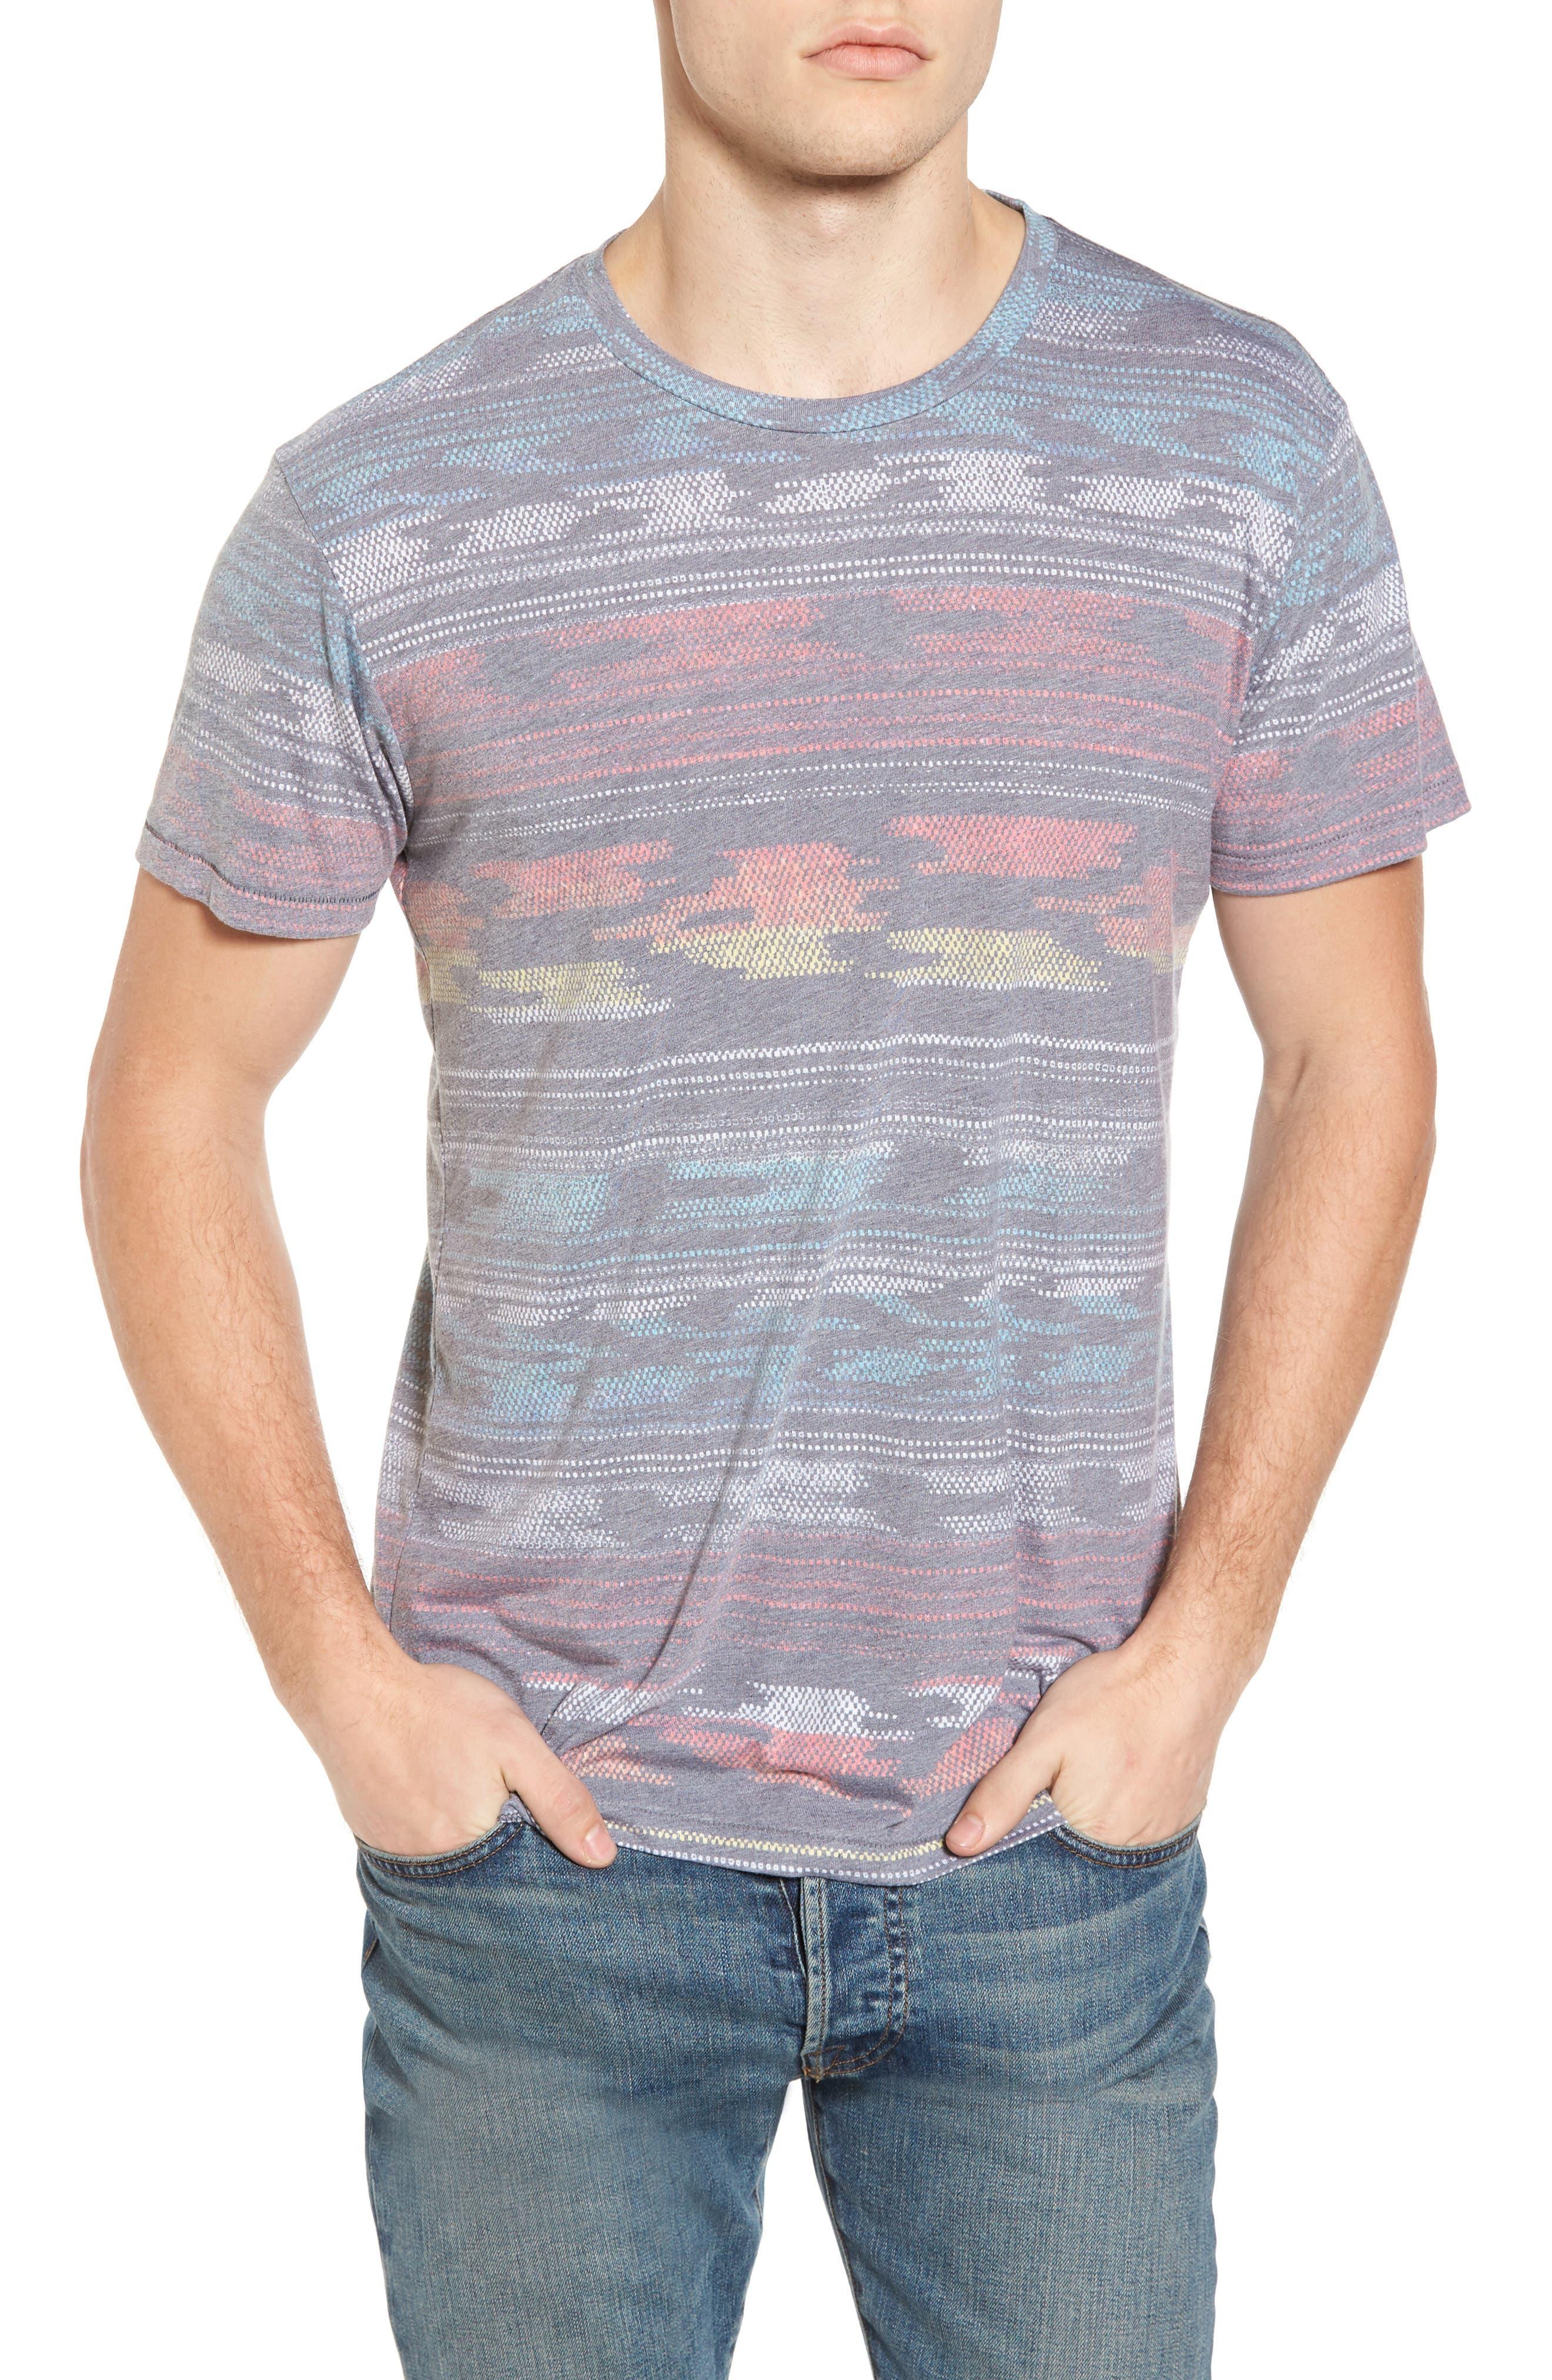 Madrugada T-Shirt,                             Main thumbnail 1, color,